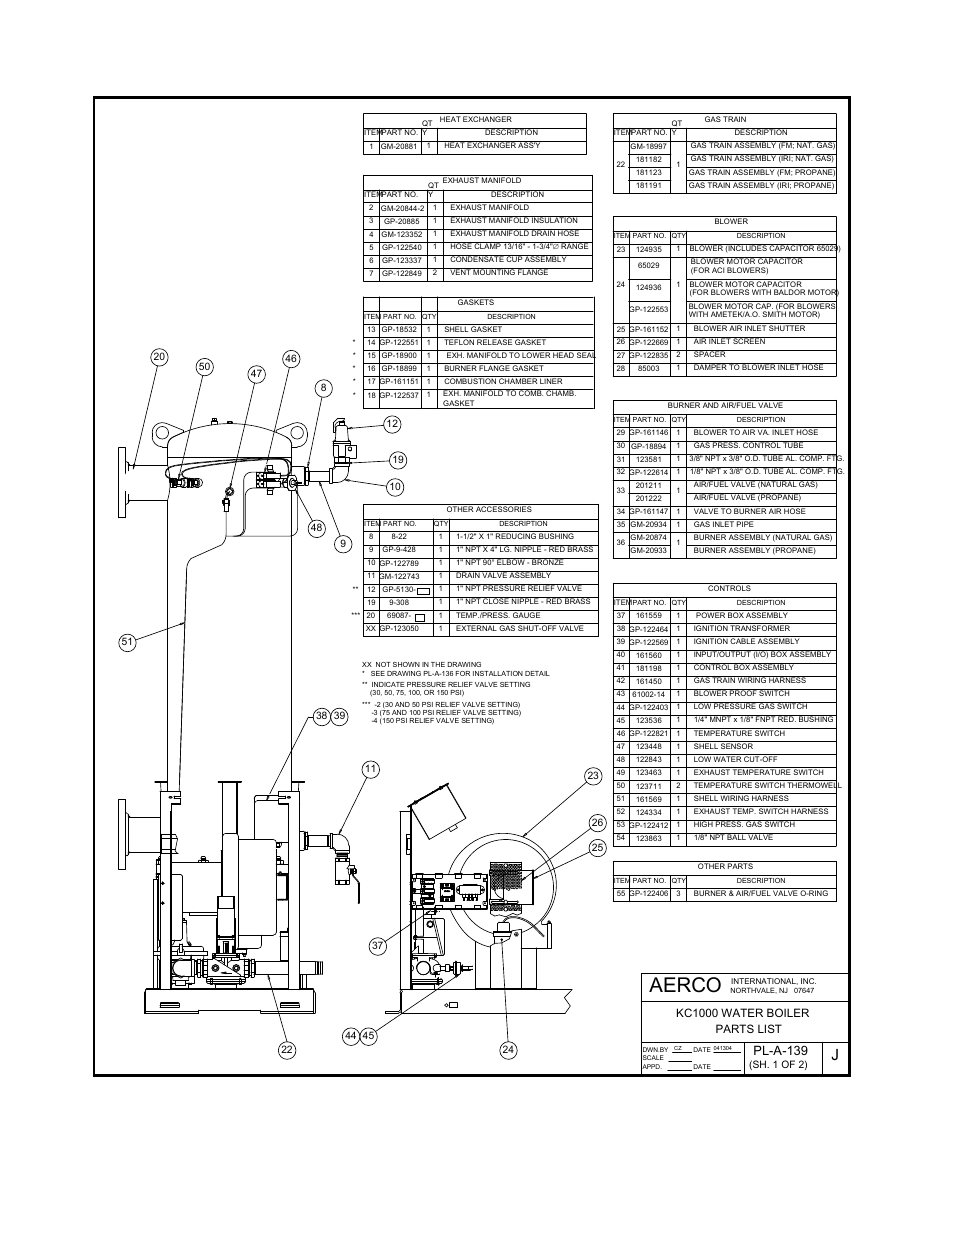 AERCO 123448 SHELL SENSOR FOR KC1000 WATER HEATER OR BOILER